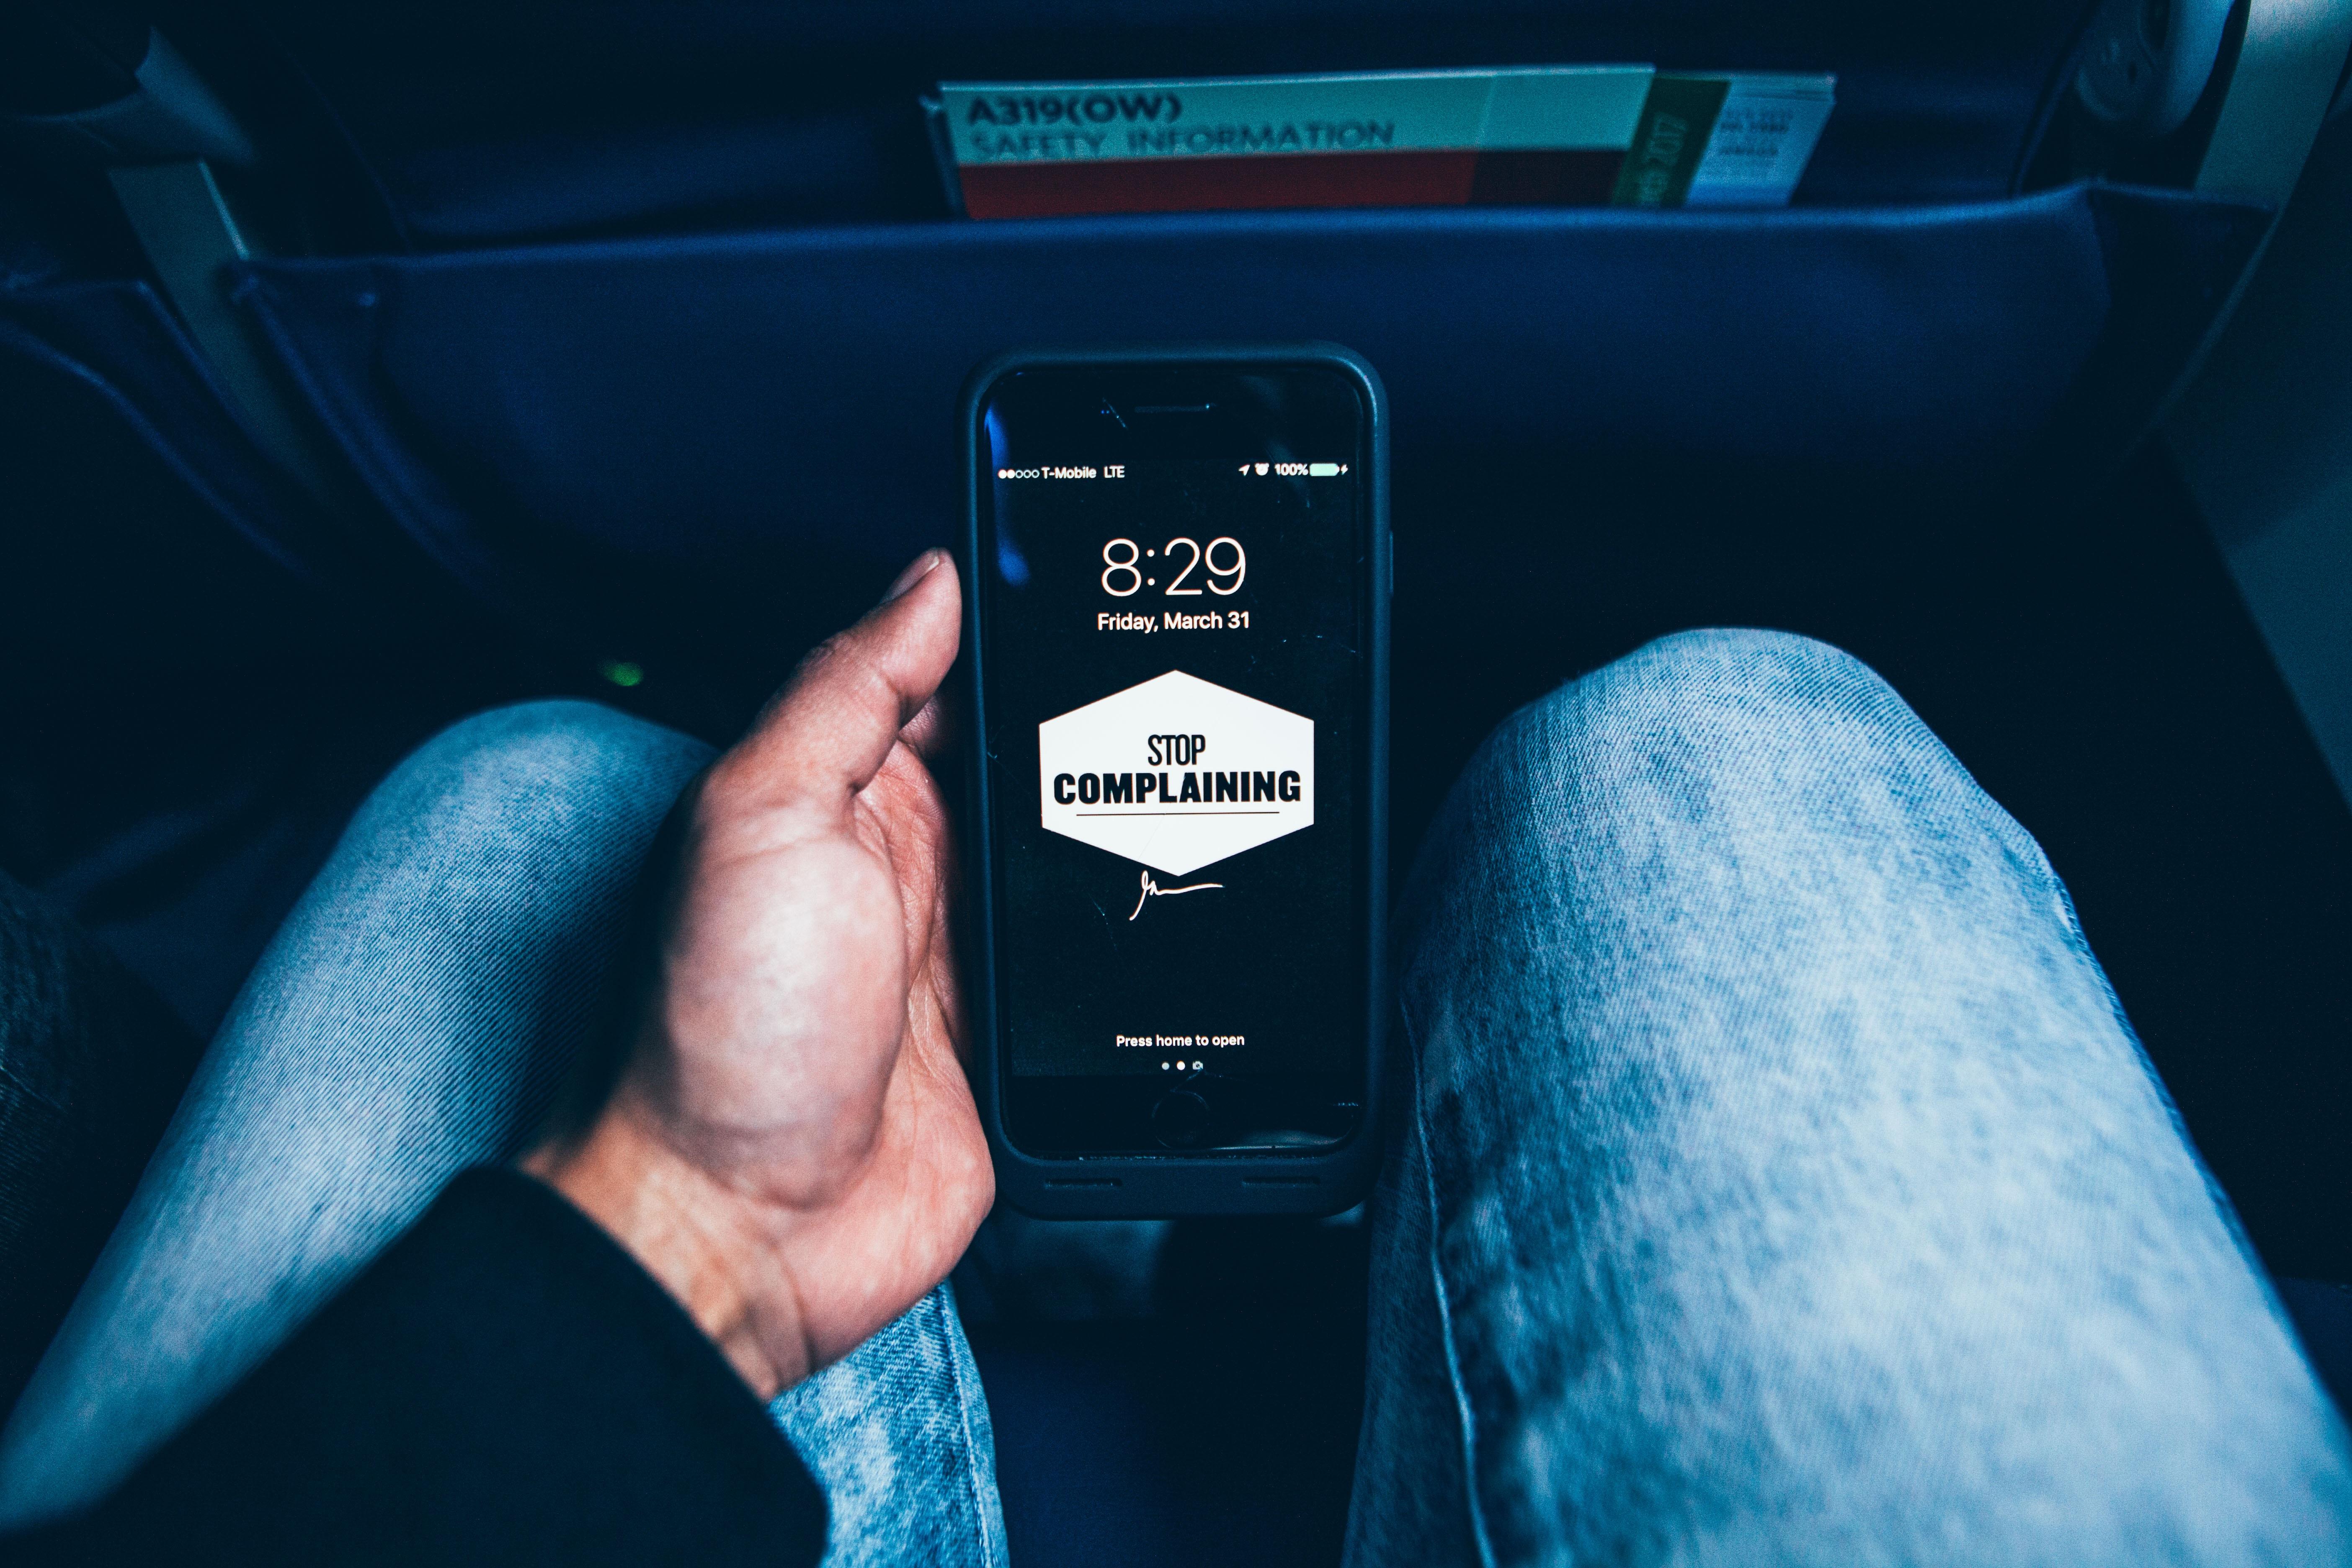 【實用 App 2019】有哪些對生活有意義的 App?推薦 3 款 App 幫助你專注當下!